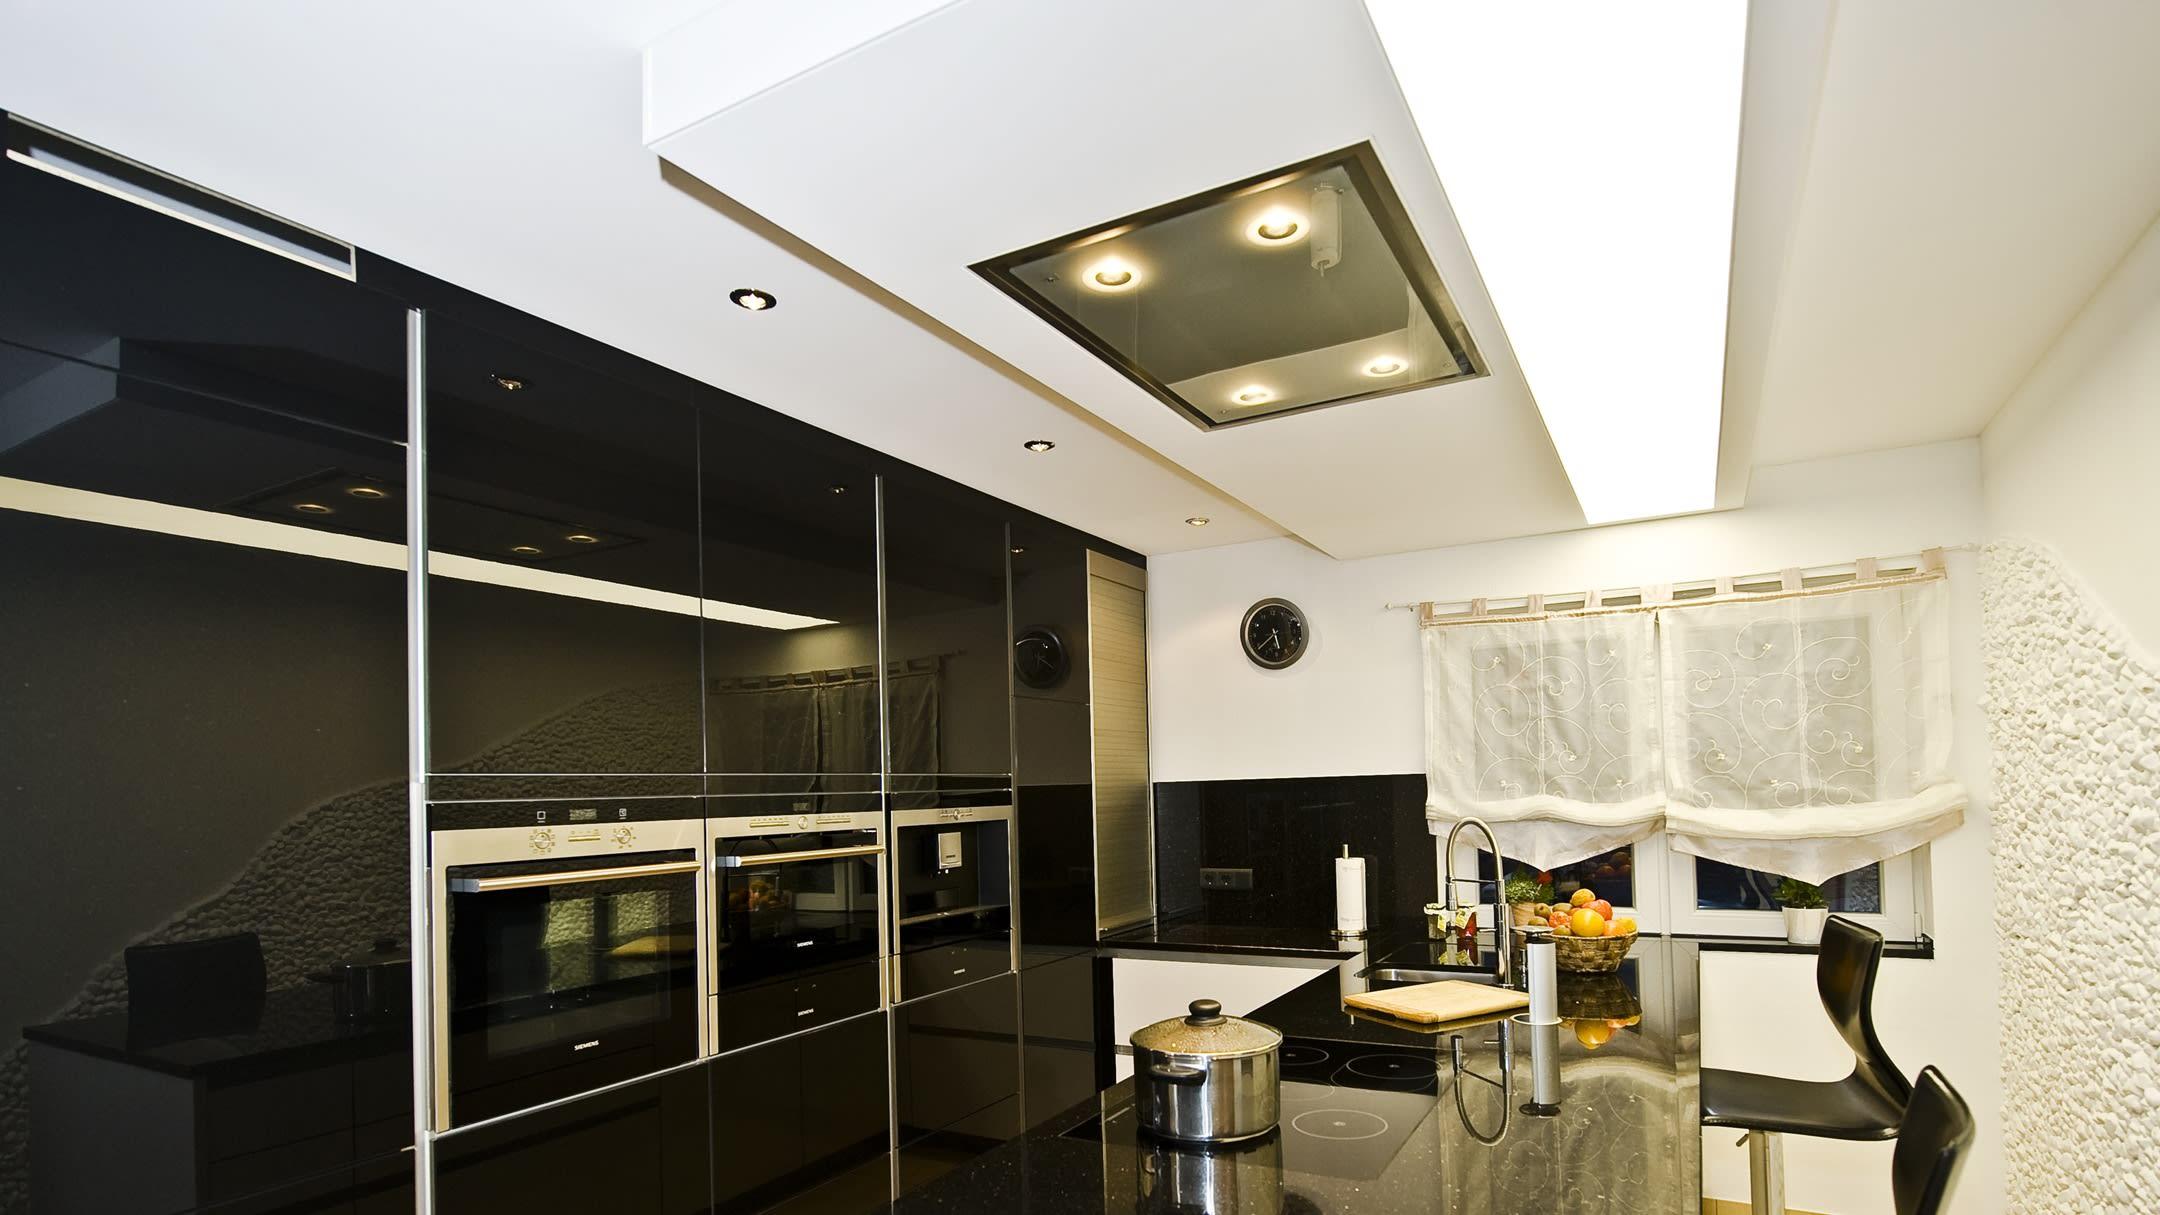 Lichtdeckenelement in Kombination mit Dunstabzugshaube - private Küche.